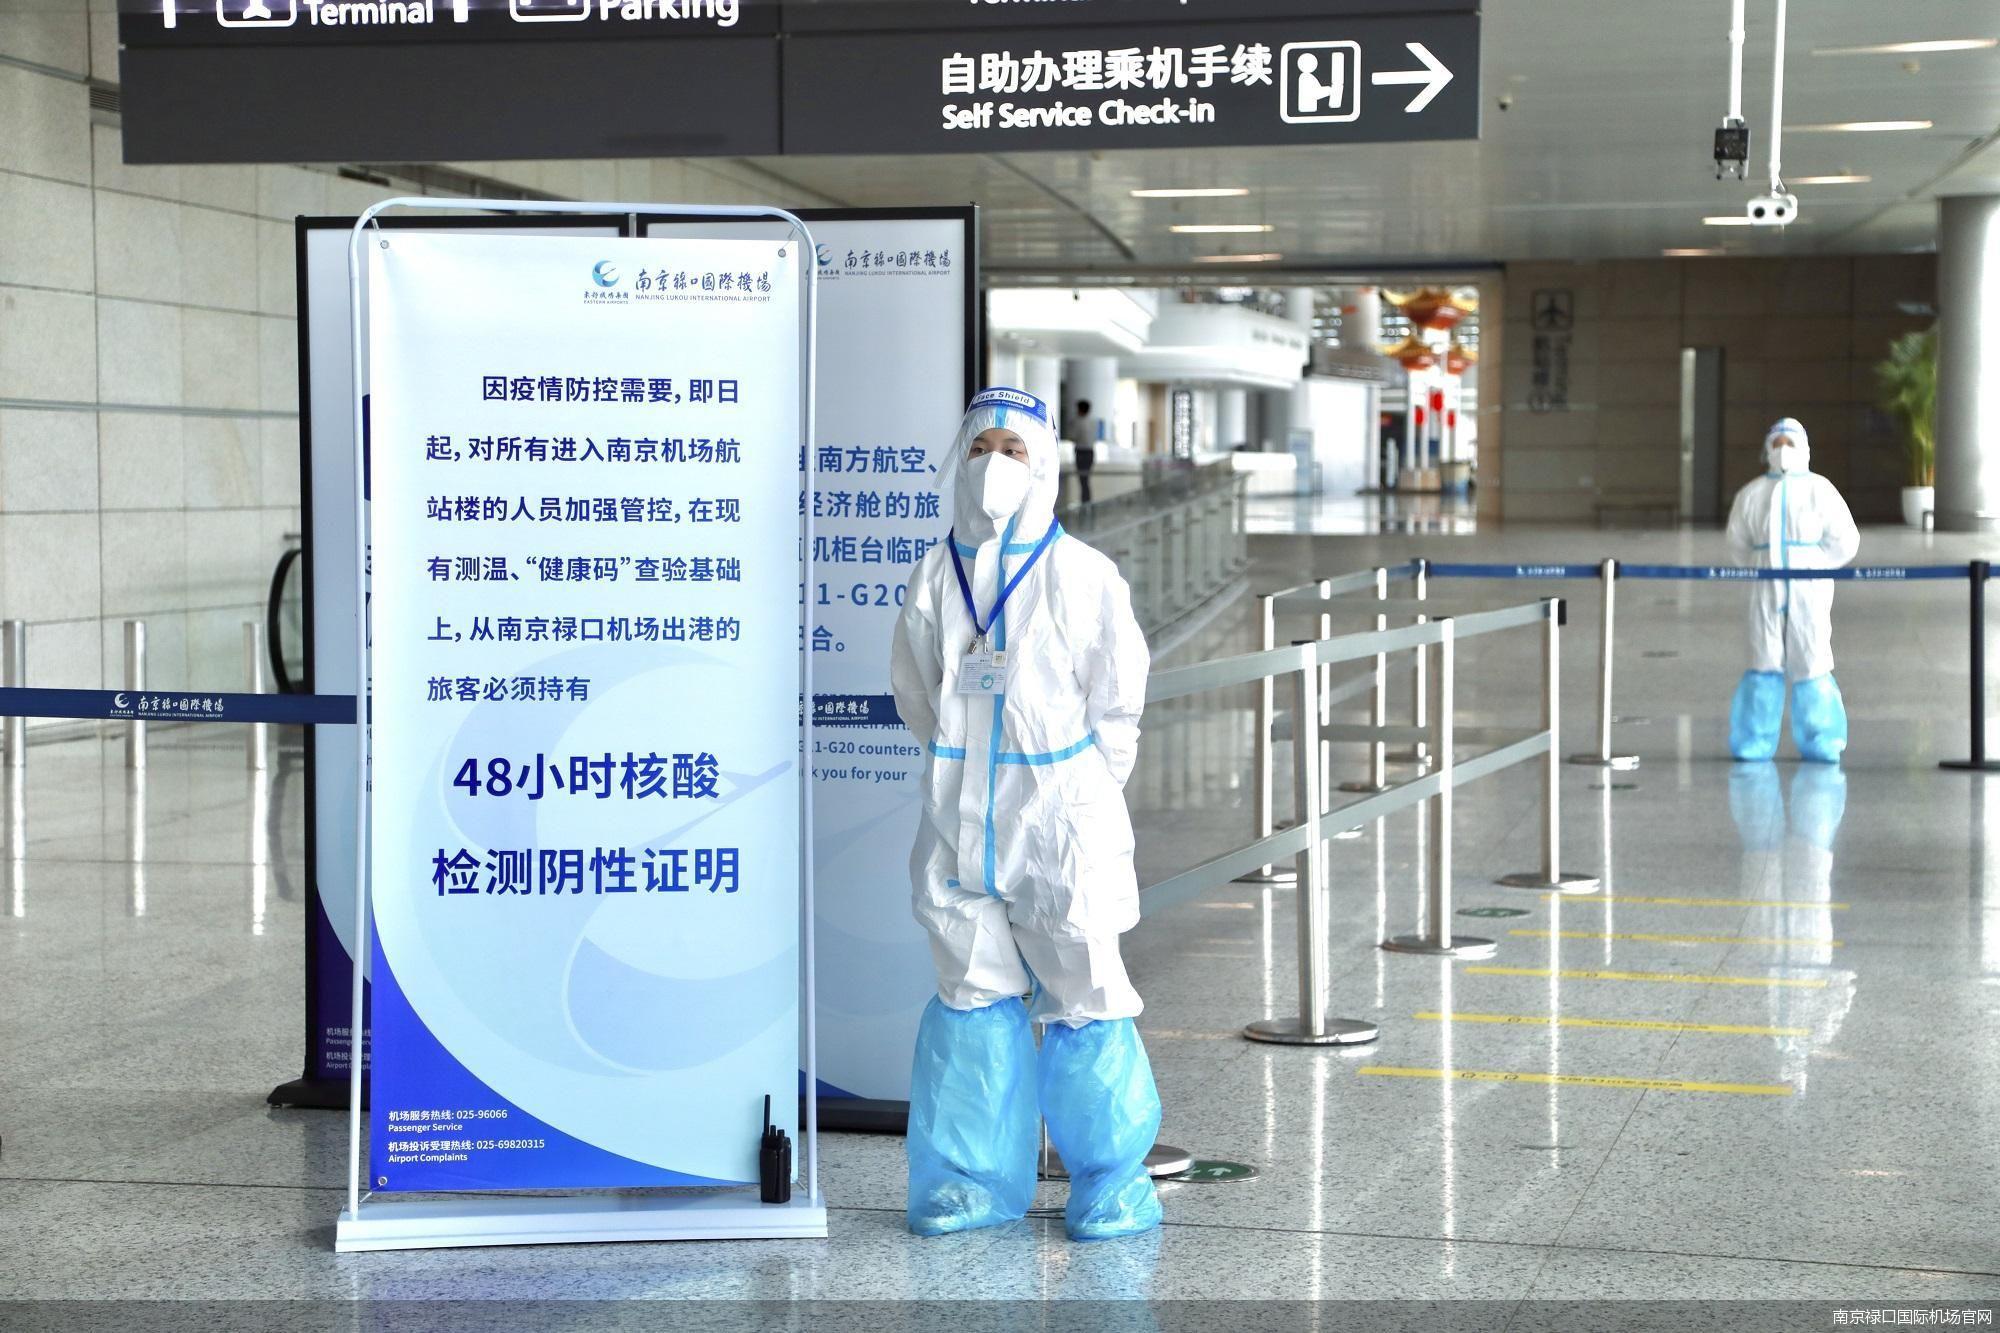 南京现在可以正常进入吗 南京疫情现在南京人还能出去吗